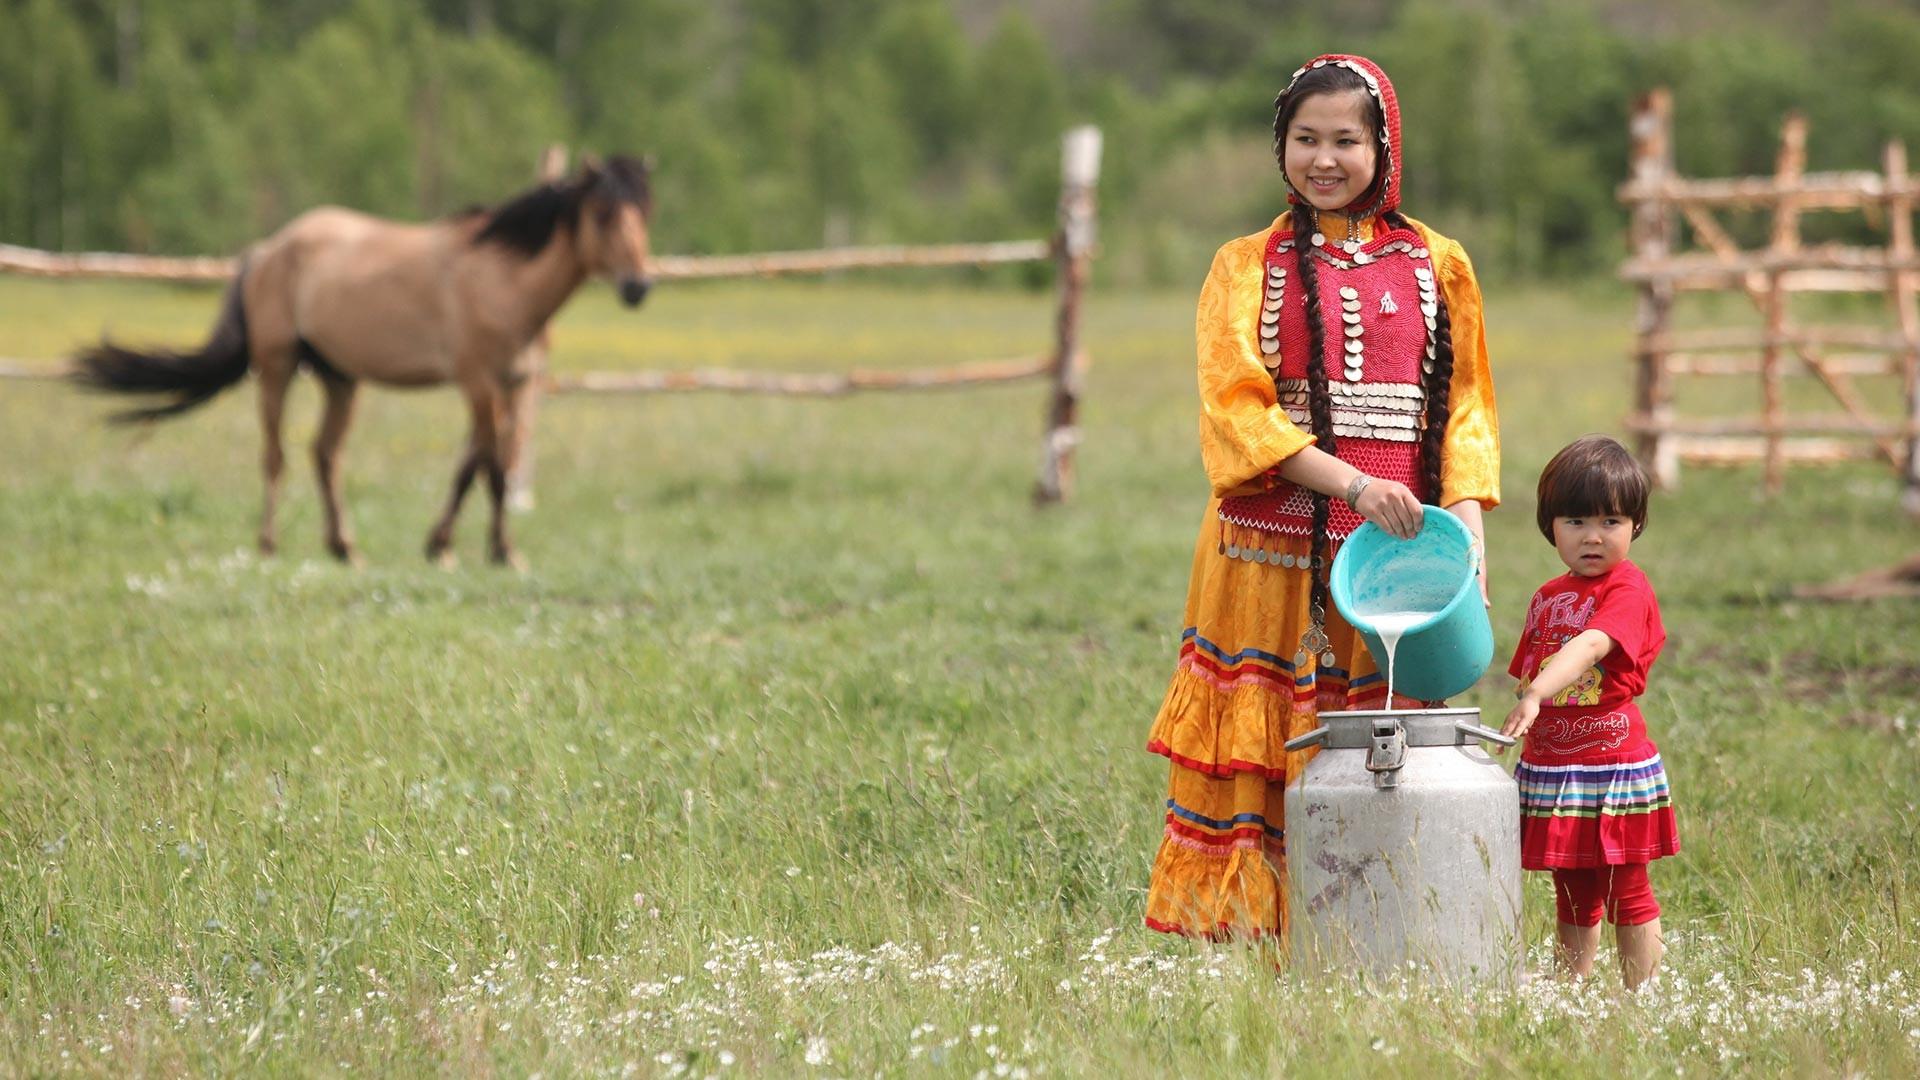 Memindahkan susu kuda ke dalam wadah khusu di sebuah peternakan pribadi untuk produksi kumis, minum khas setempat, di Republik Bashkiria.